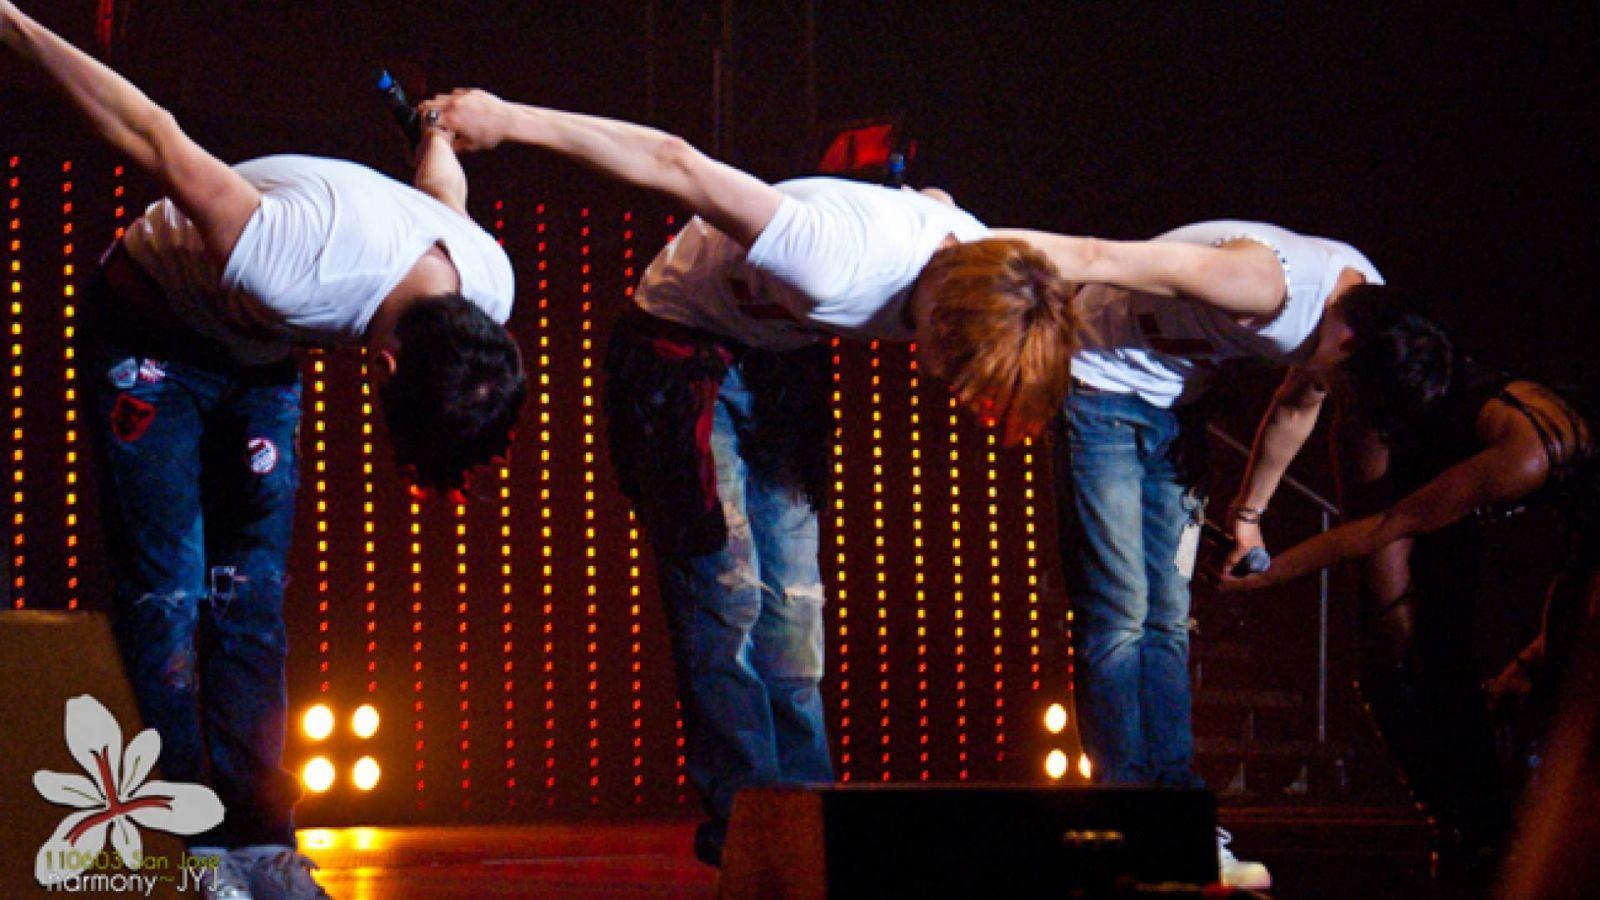 JYJ's World Tour Concert em San Jose © Iris Xie (JYJ Harmony) (jyjharmony@gmail.com)